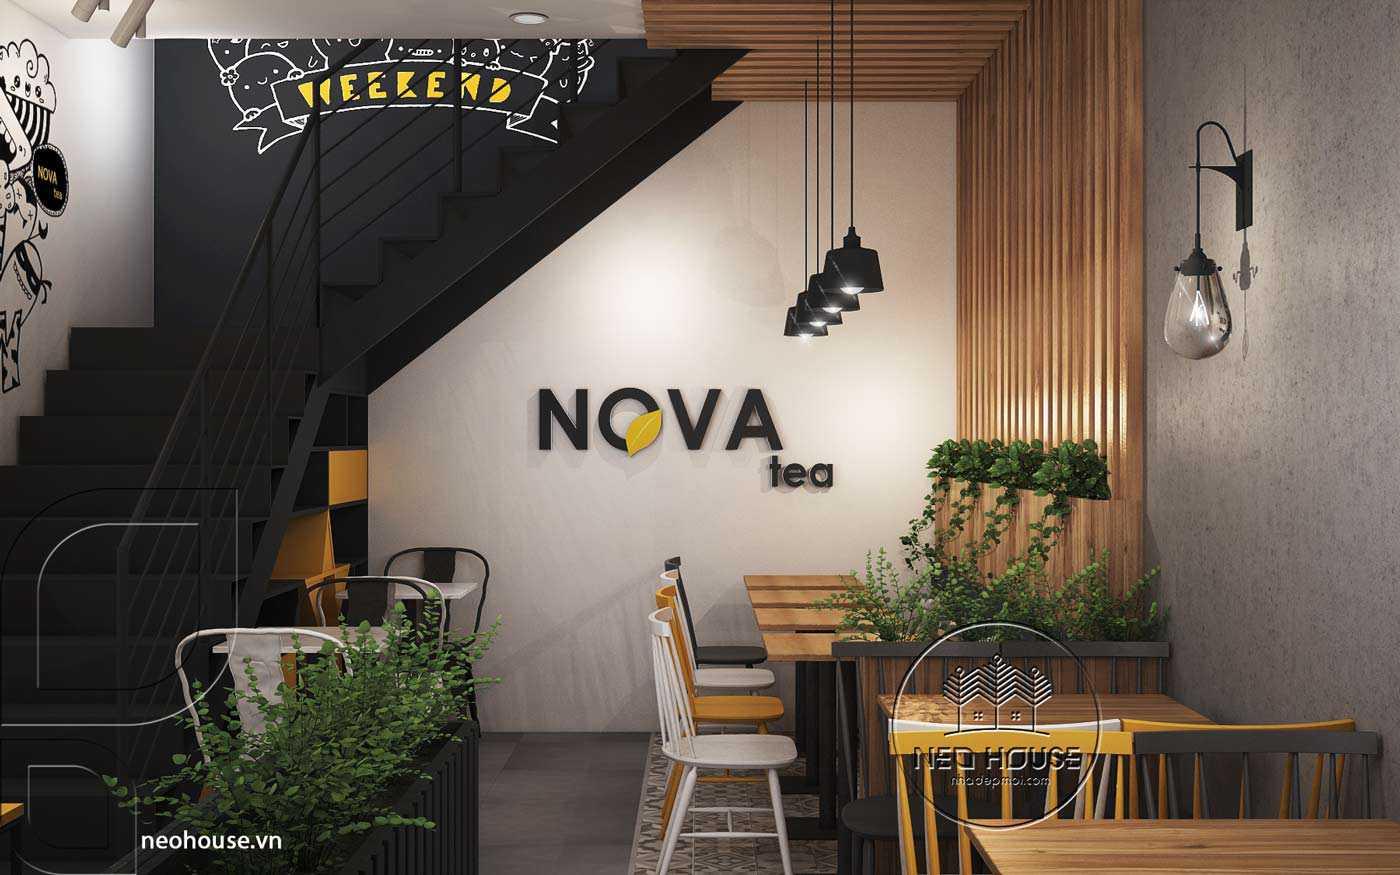 Thiết kế nội thất quán trà sữa Nova